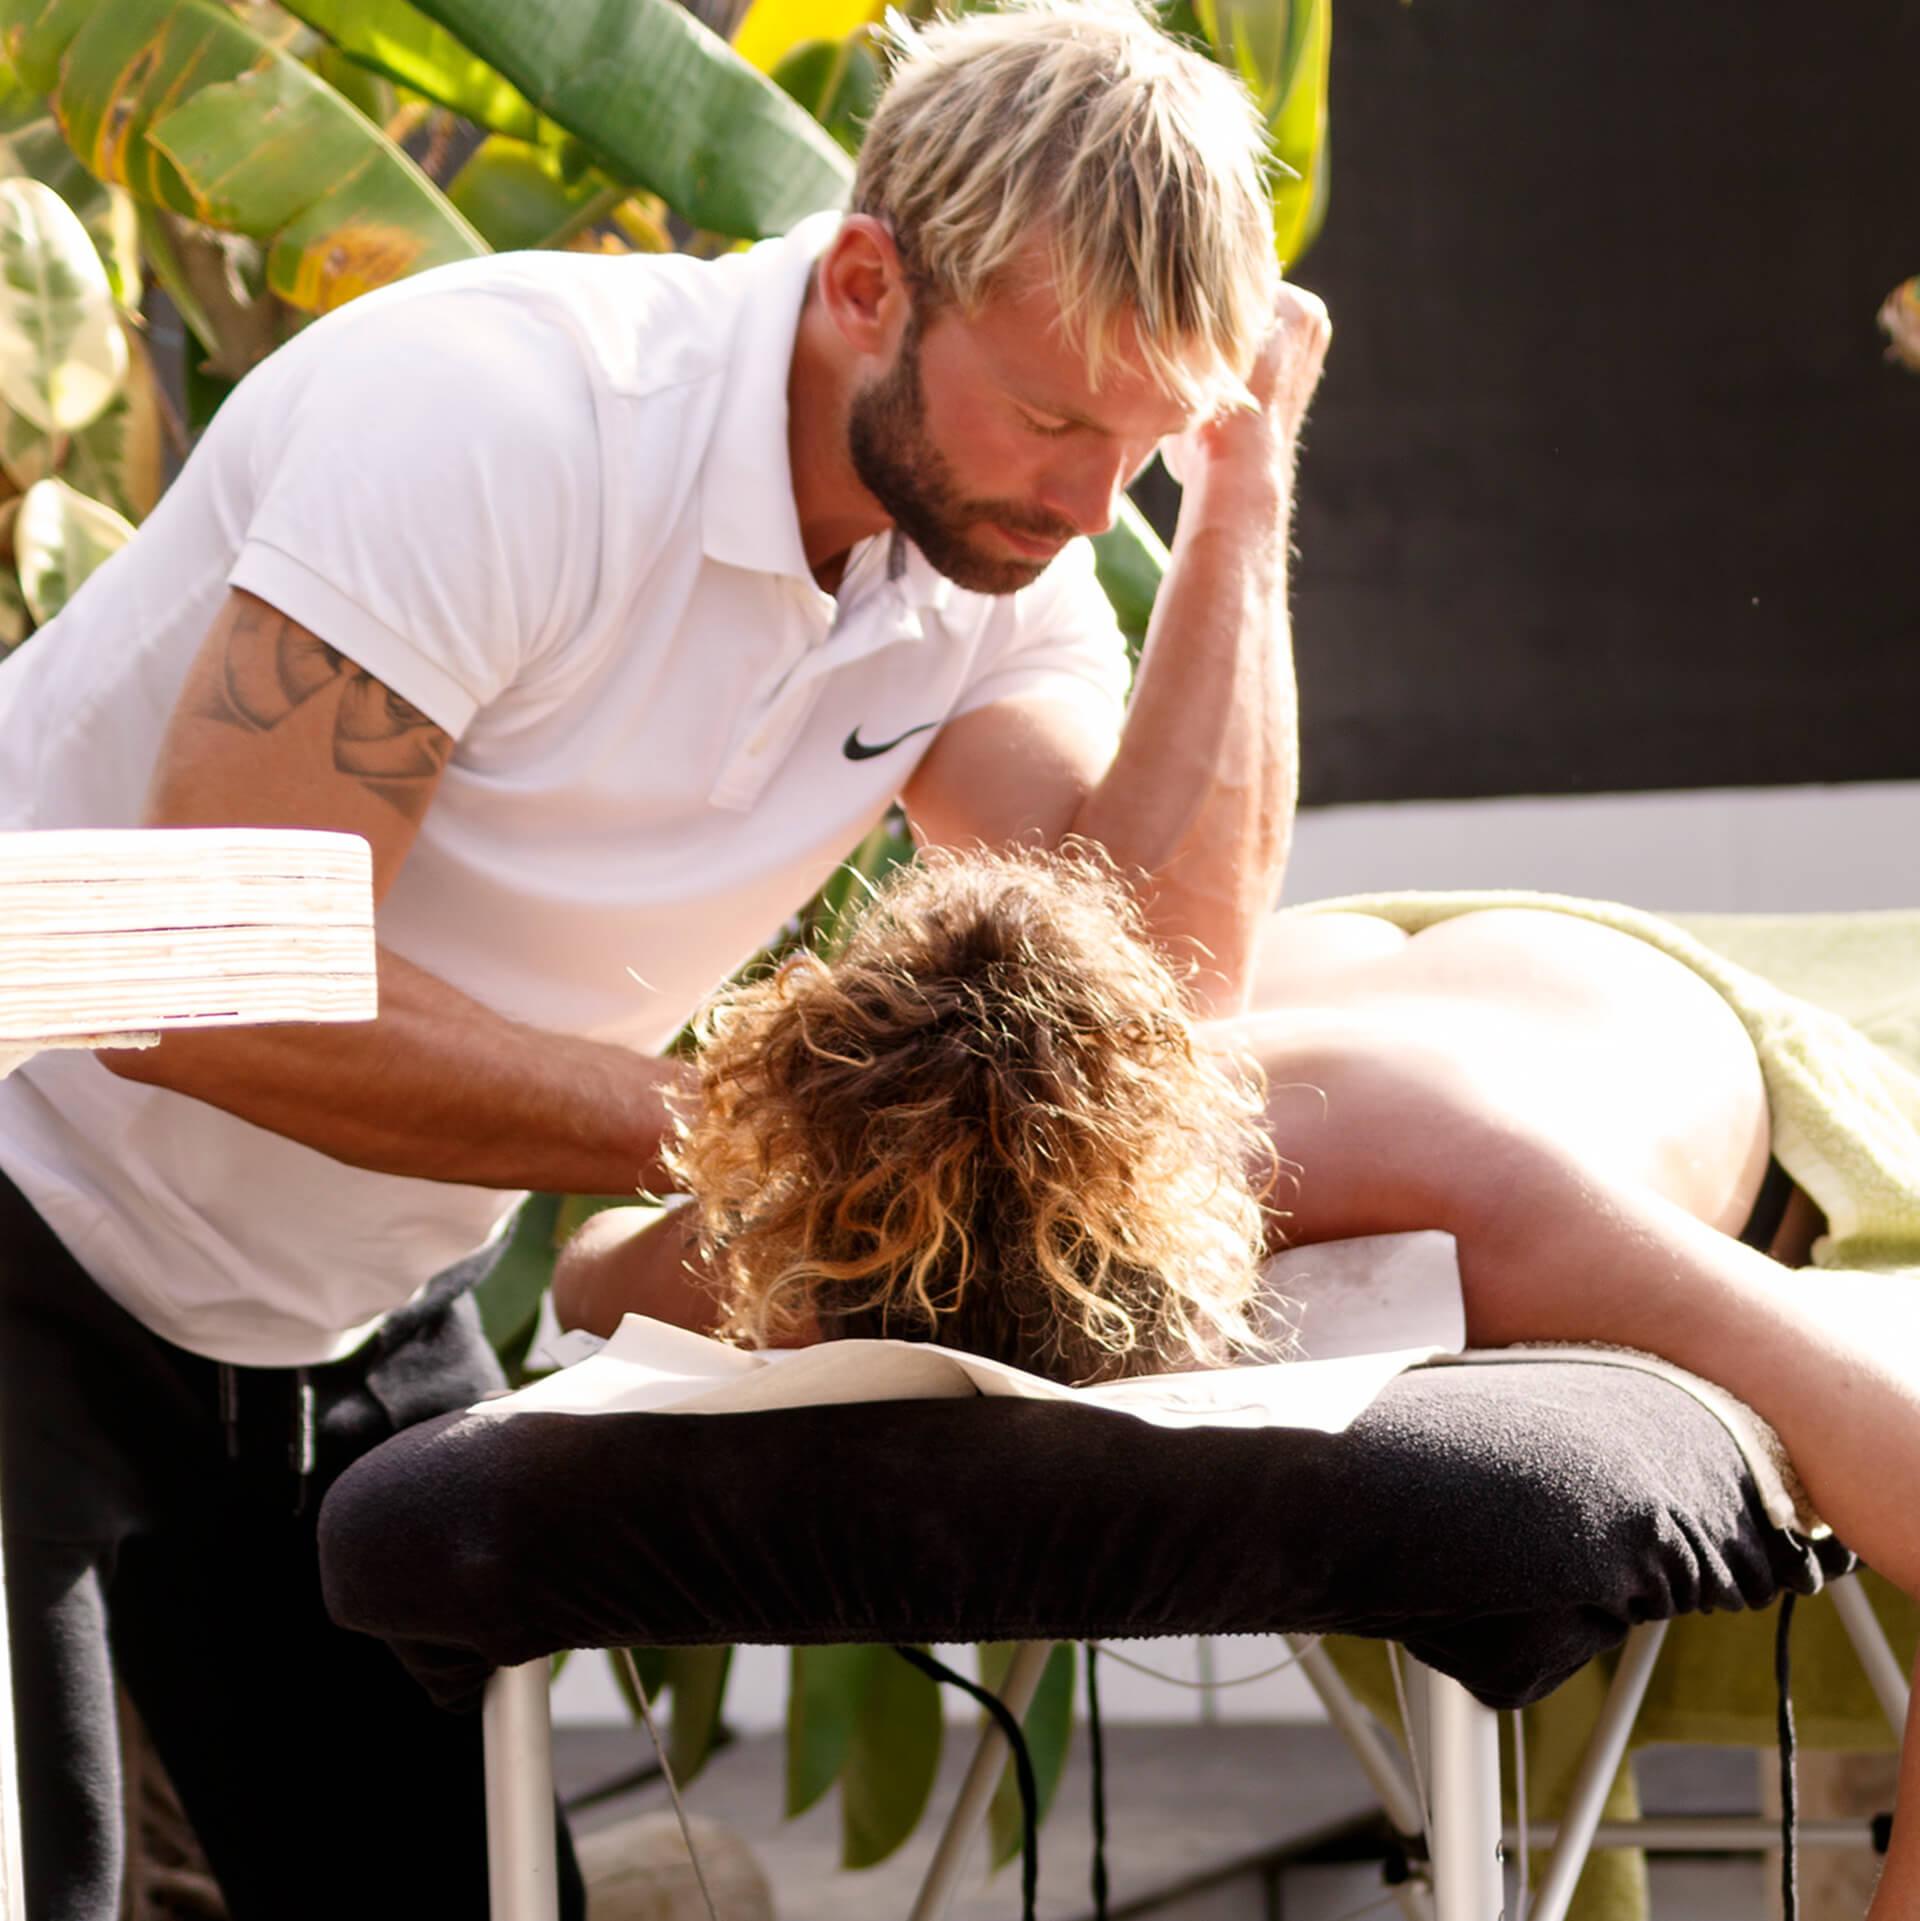 kite_massage_lostelementos